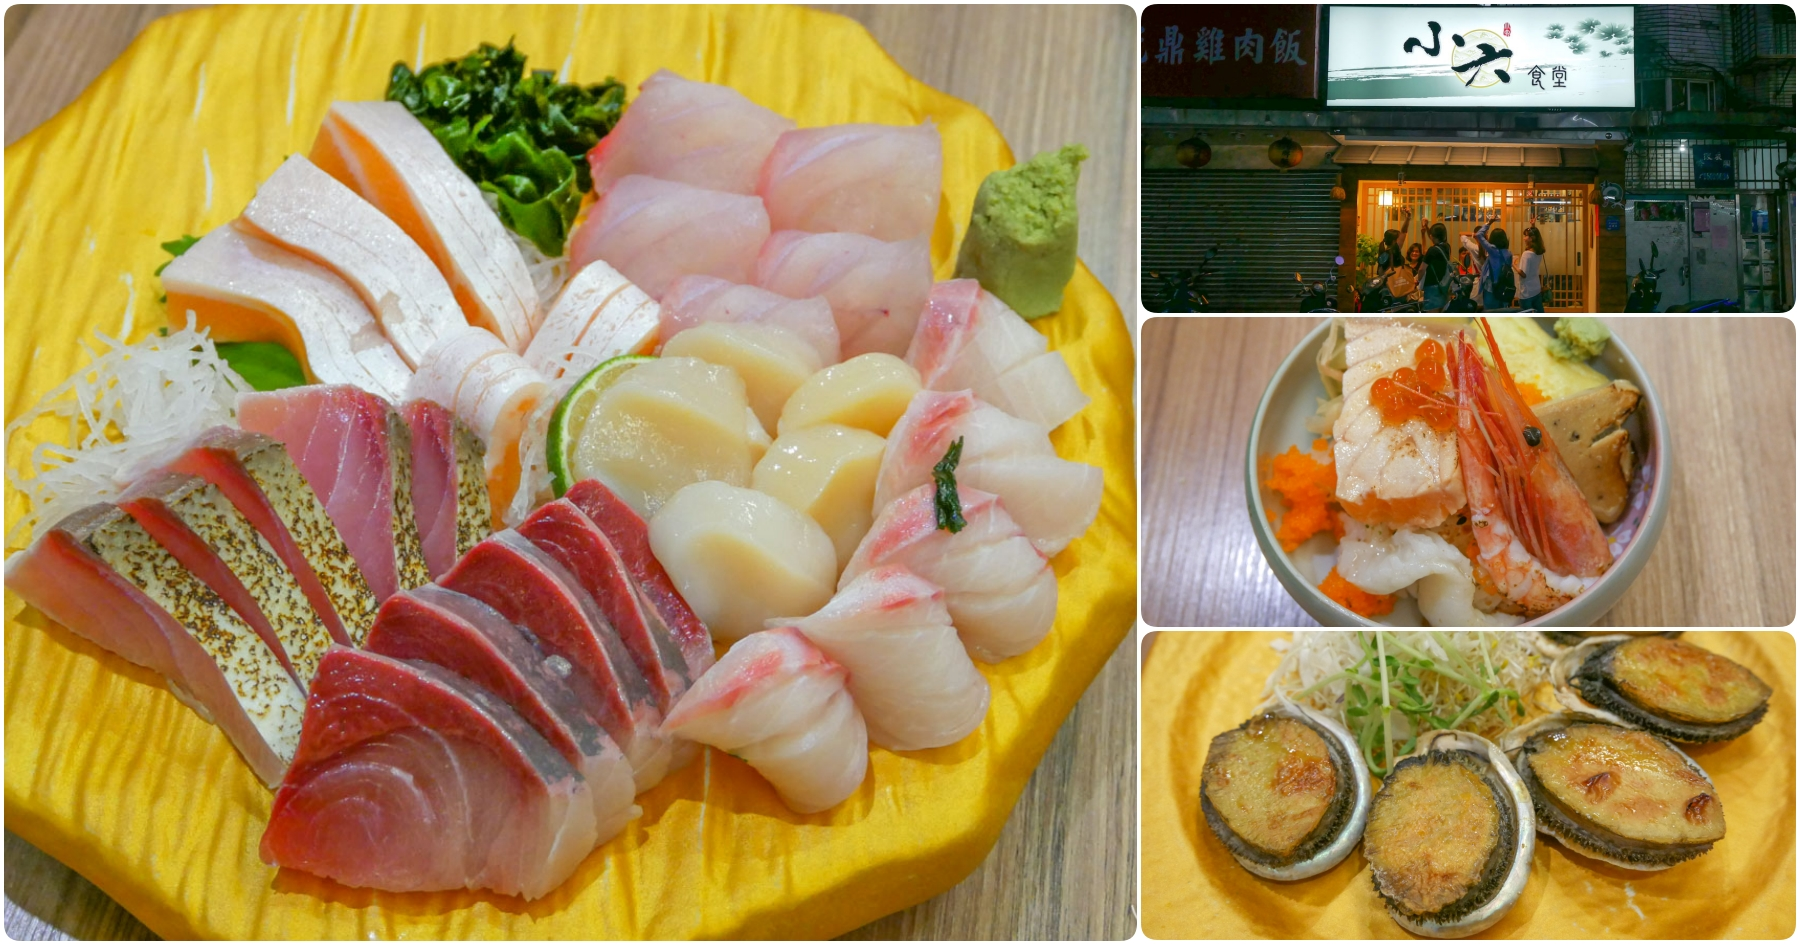 最新推播訊息:[台北美食]小六食堂|行天宮捷運站附近日式料理~生魚片丼飯&無菜單料理套餐